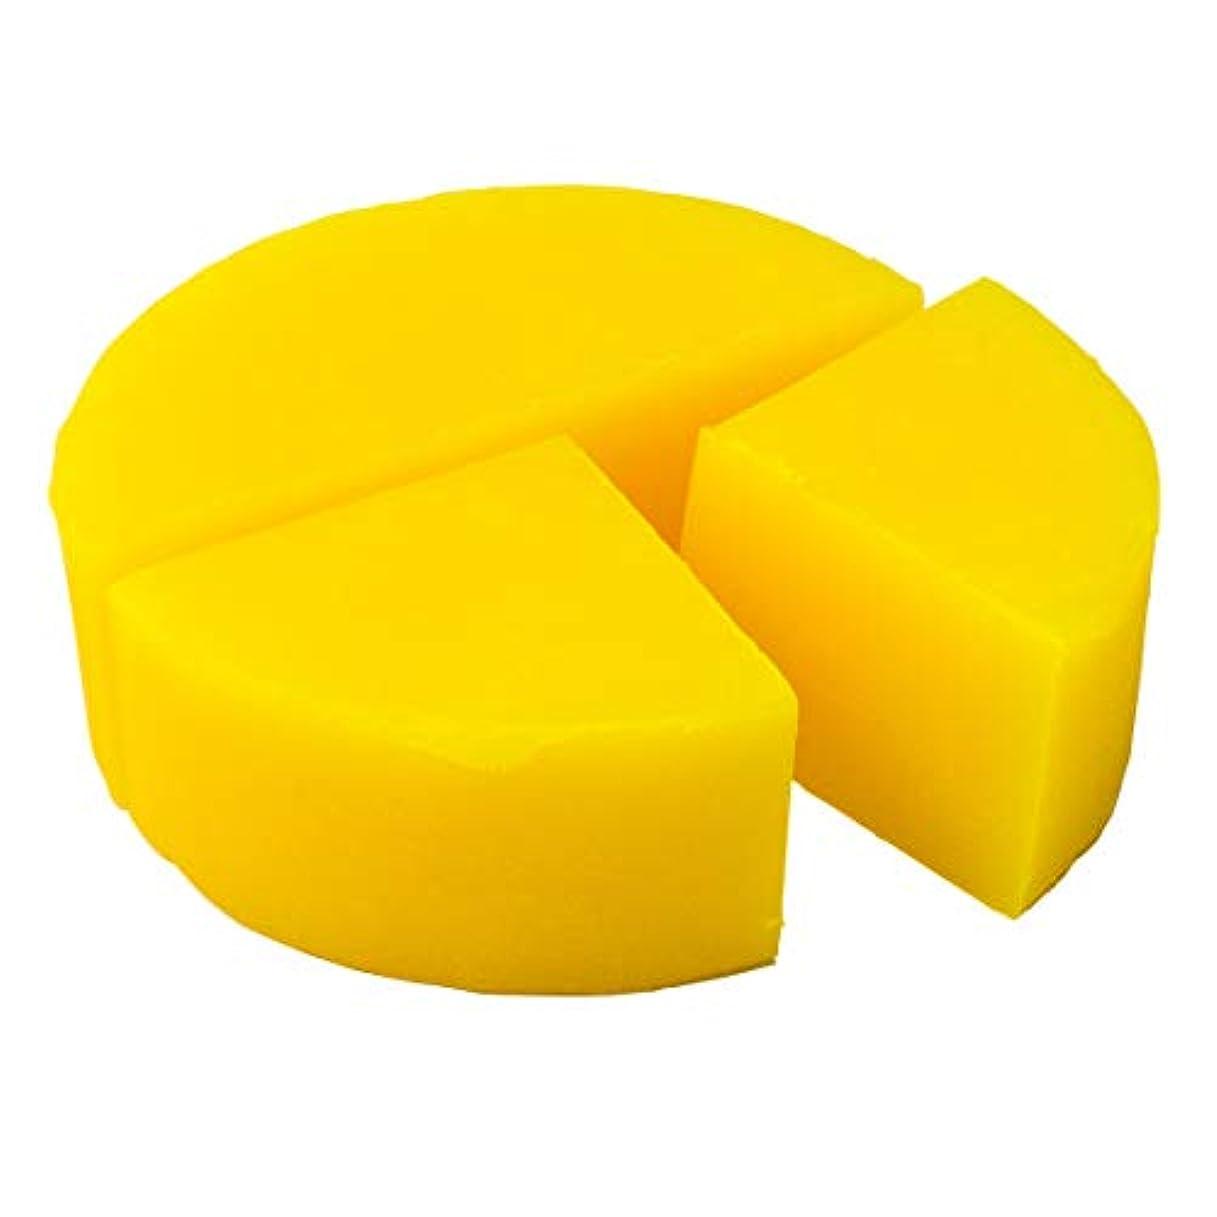 効能ある孤独資源グリセリン クリアソープ (MPソープ) 色チップ 黄 100g